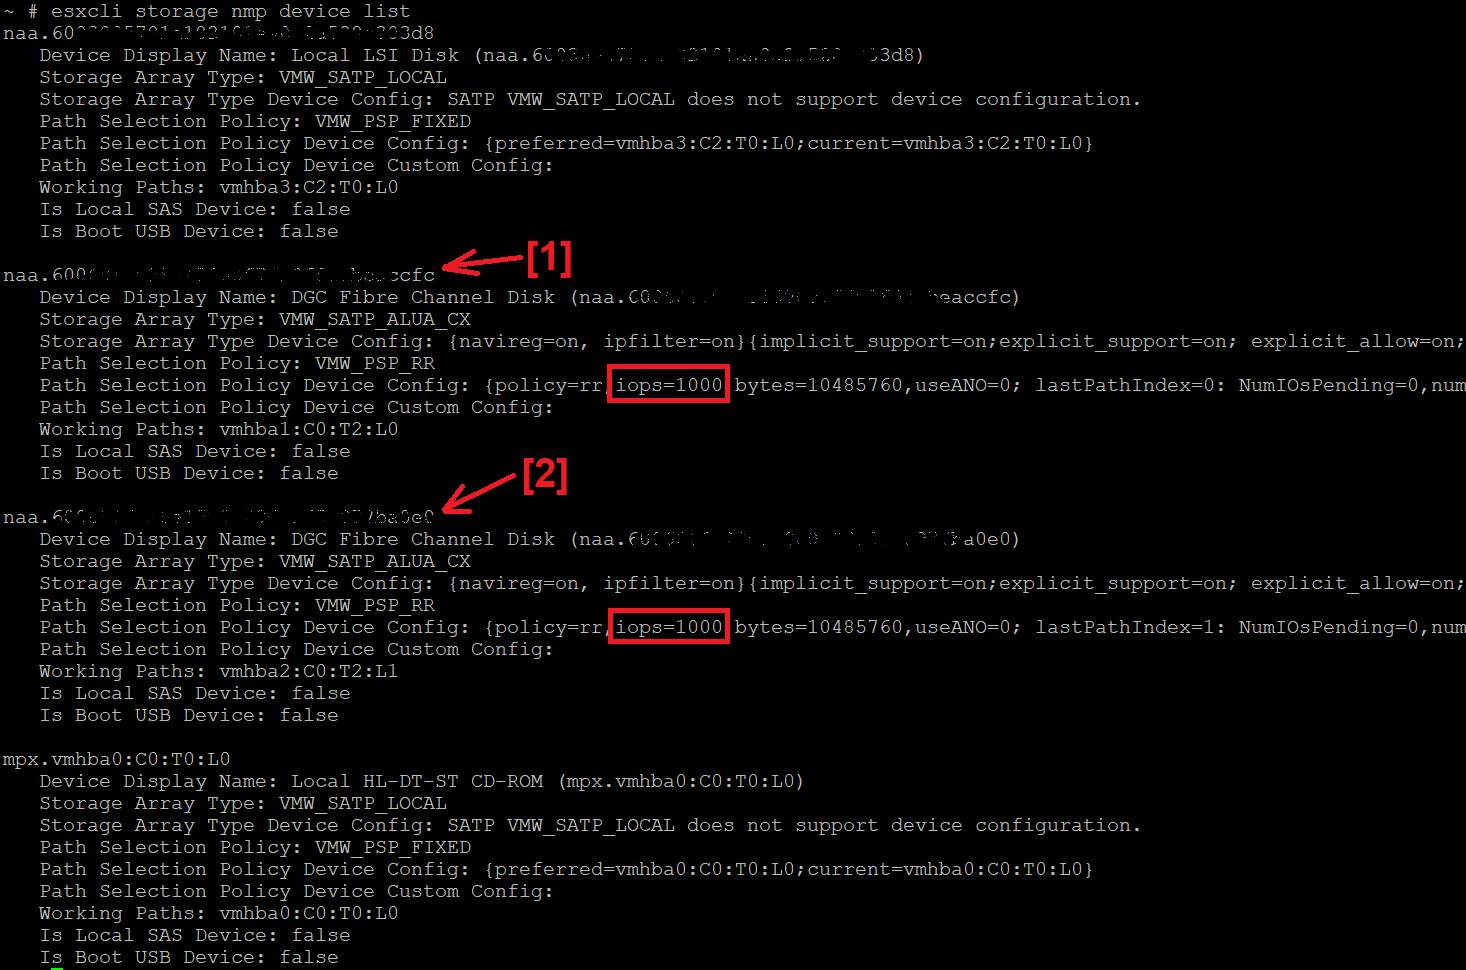 Ajustar límite de IOPS de Round Robin de 1000 por defecto a 1 en VMware ESX